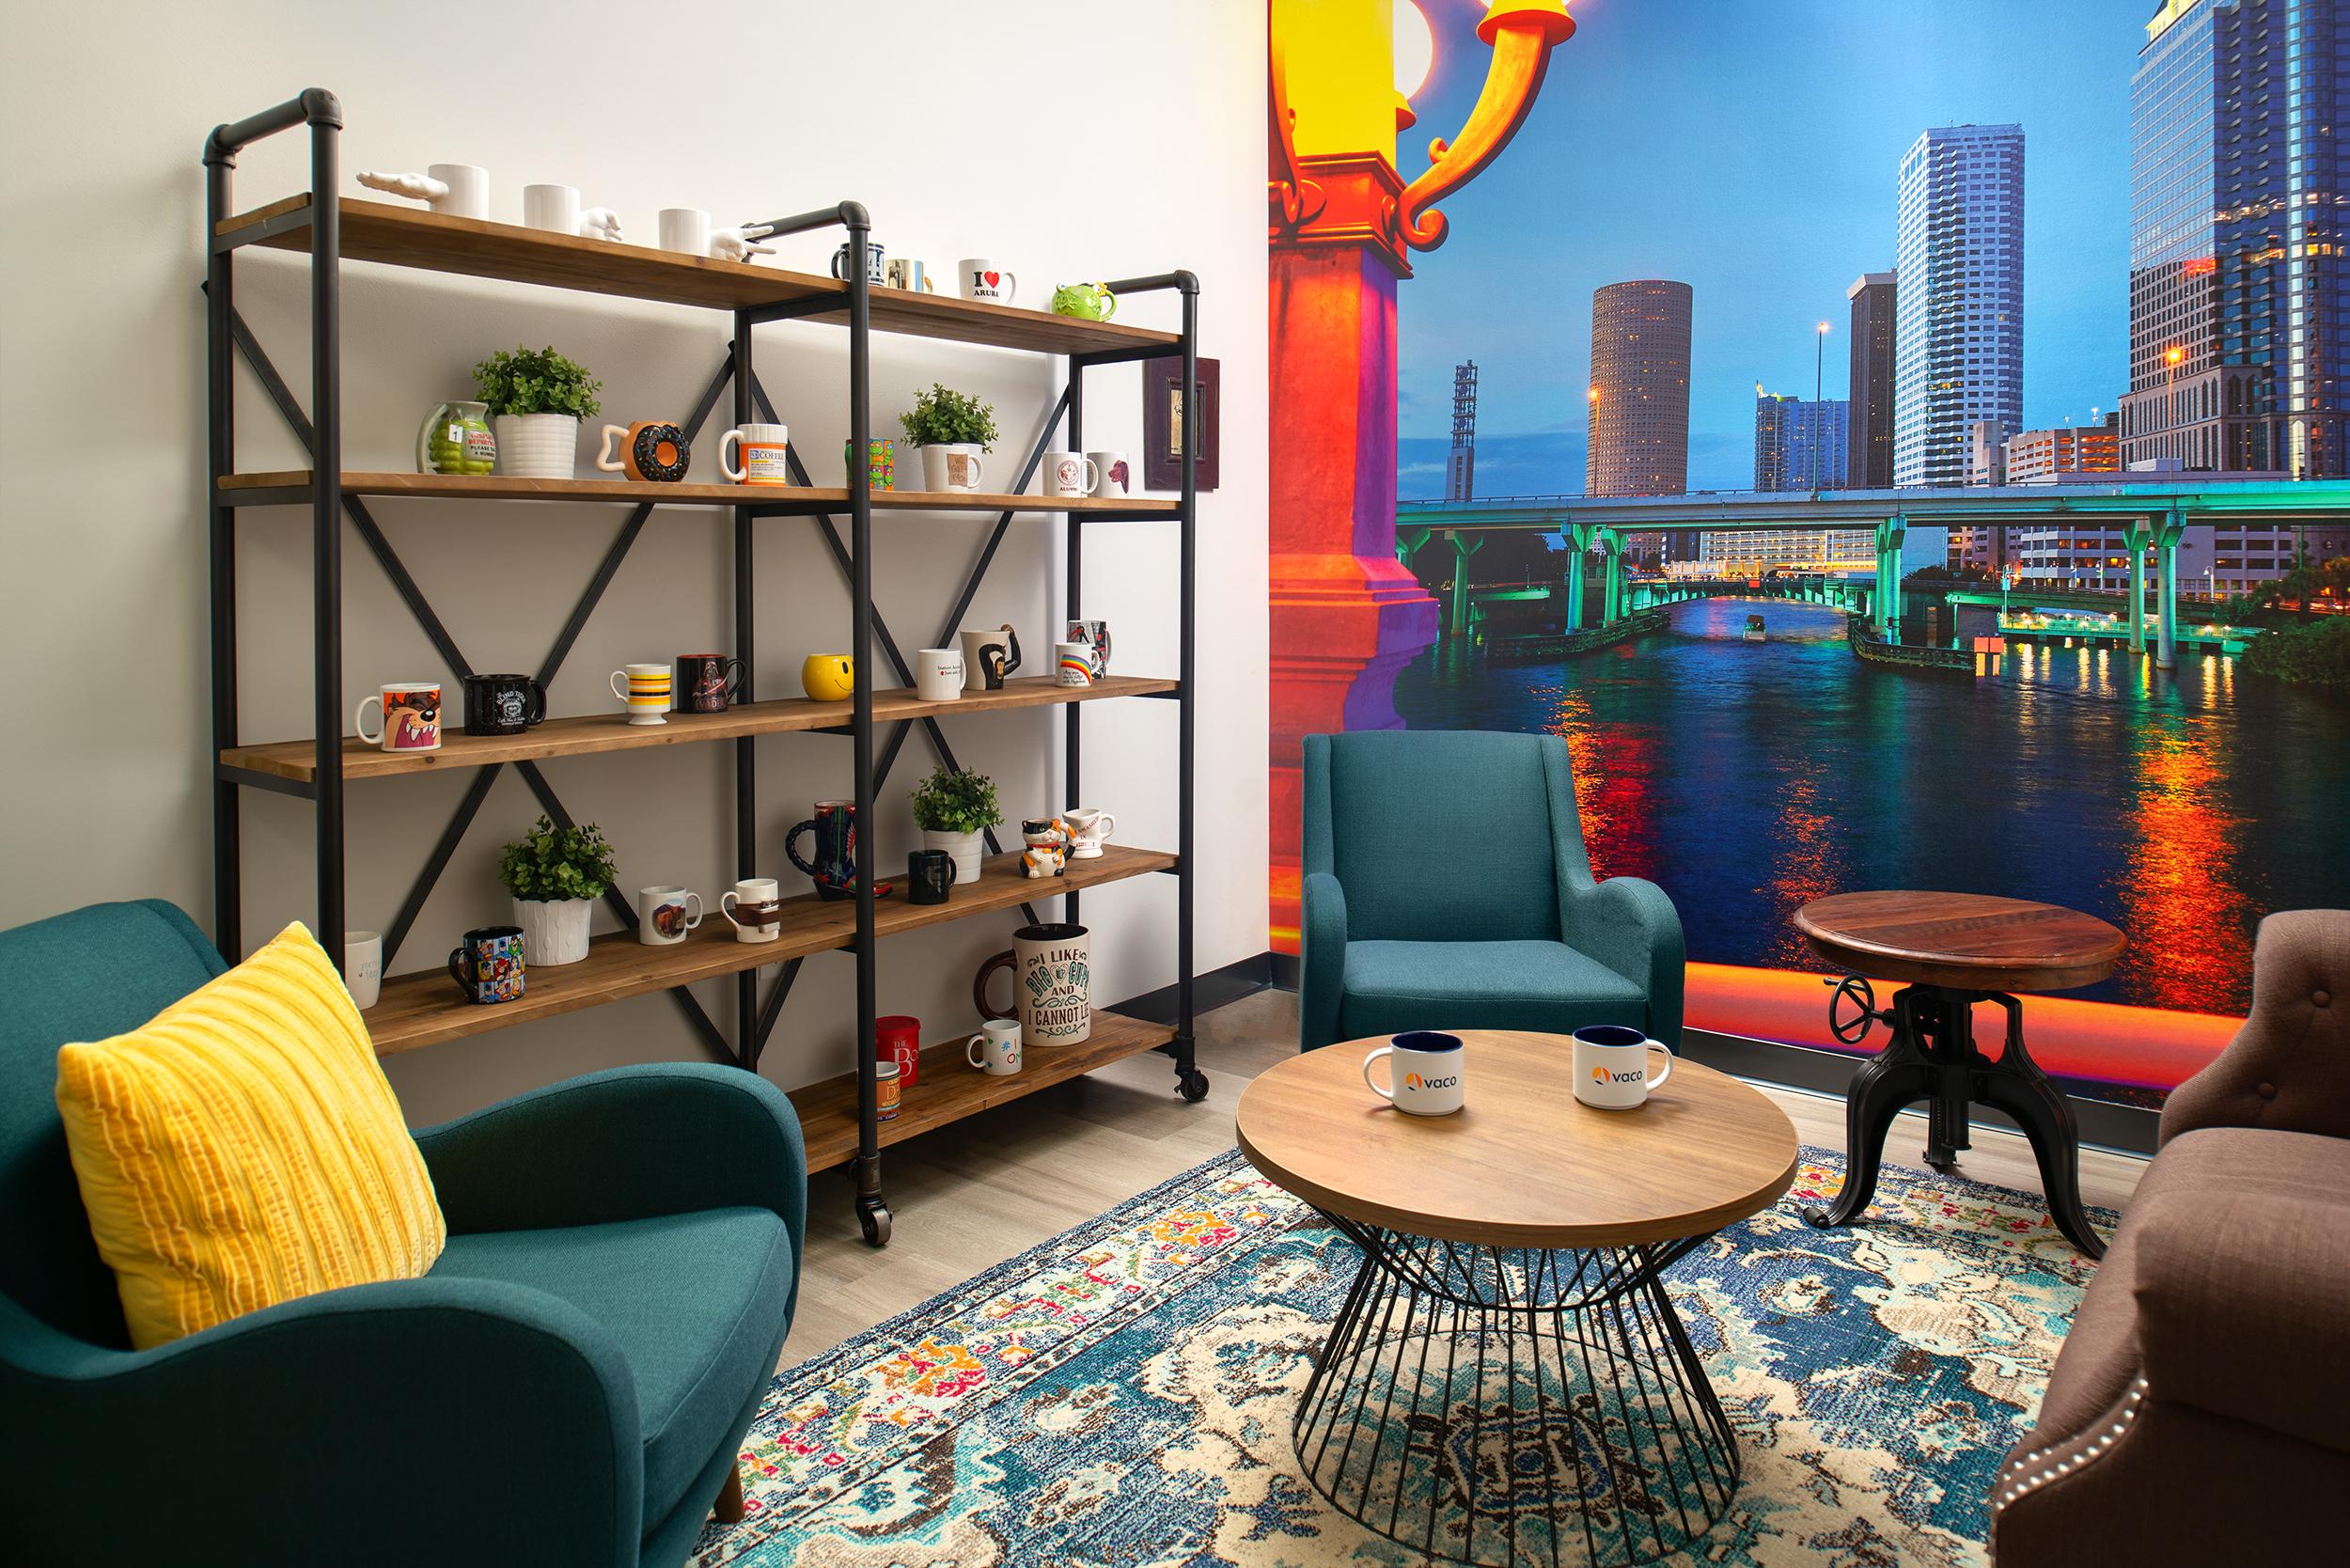 Vaco---Cafe-Interior